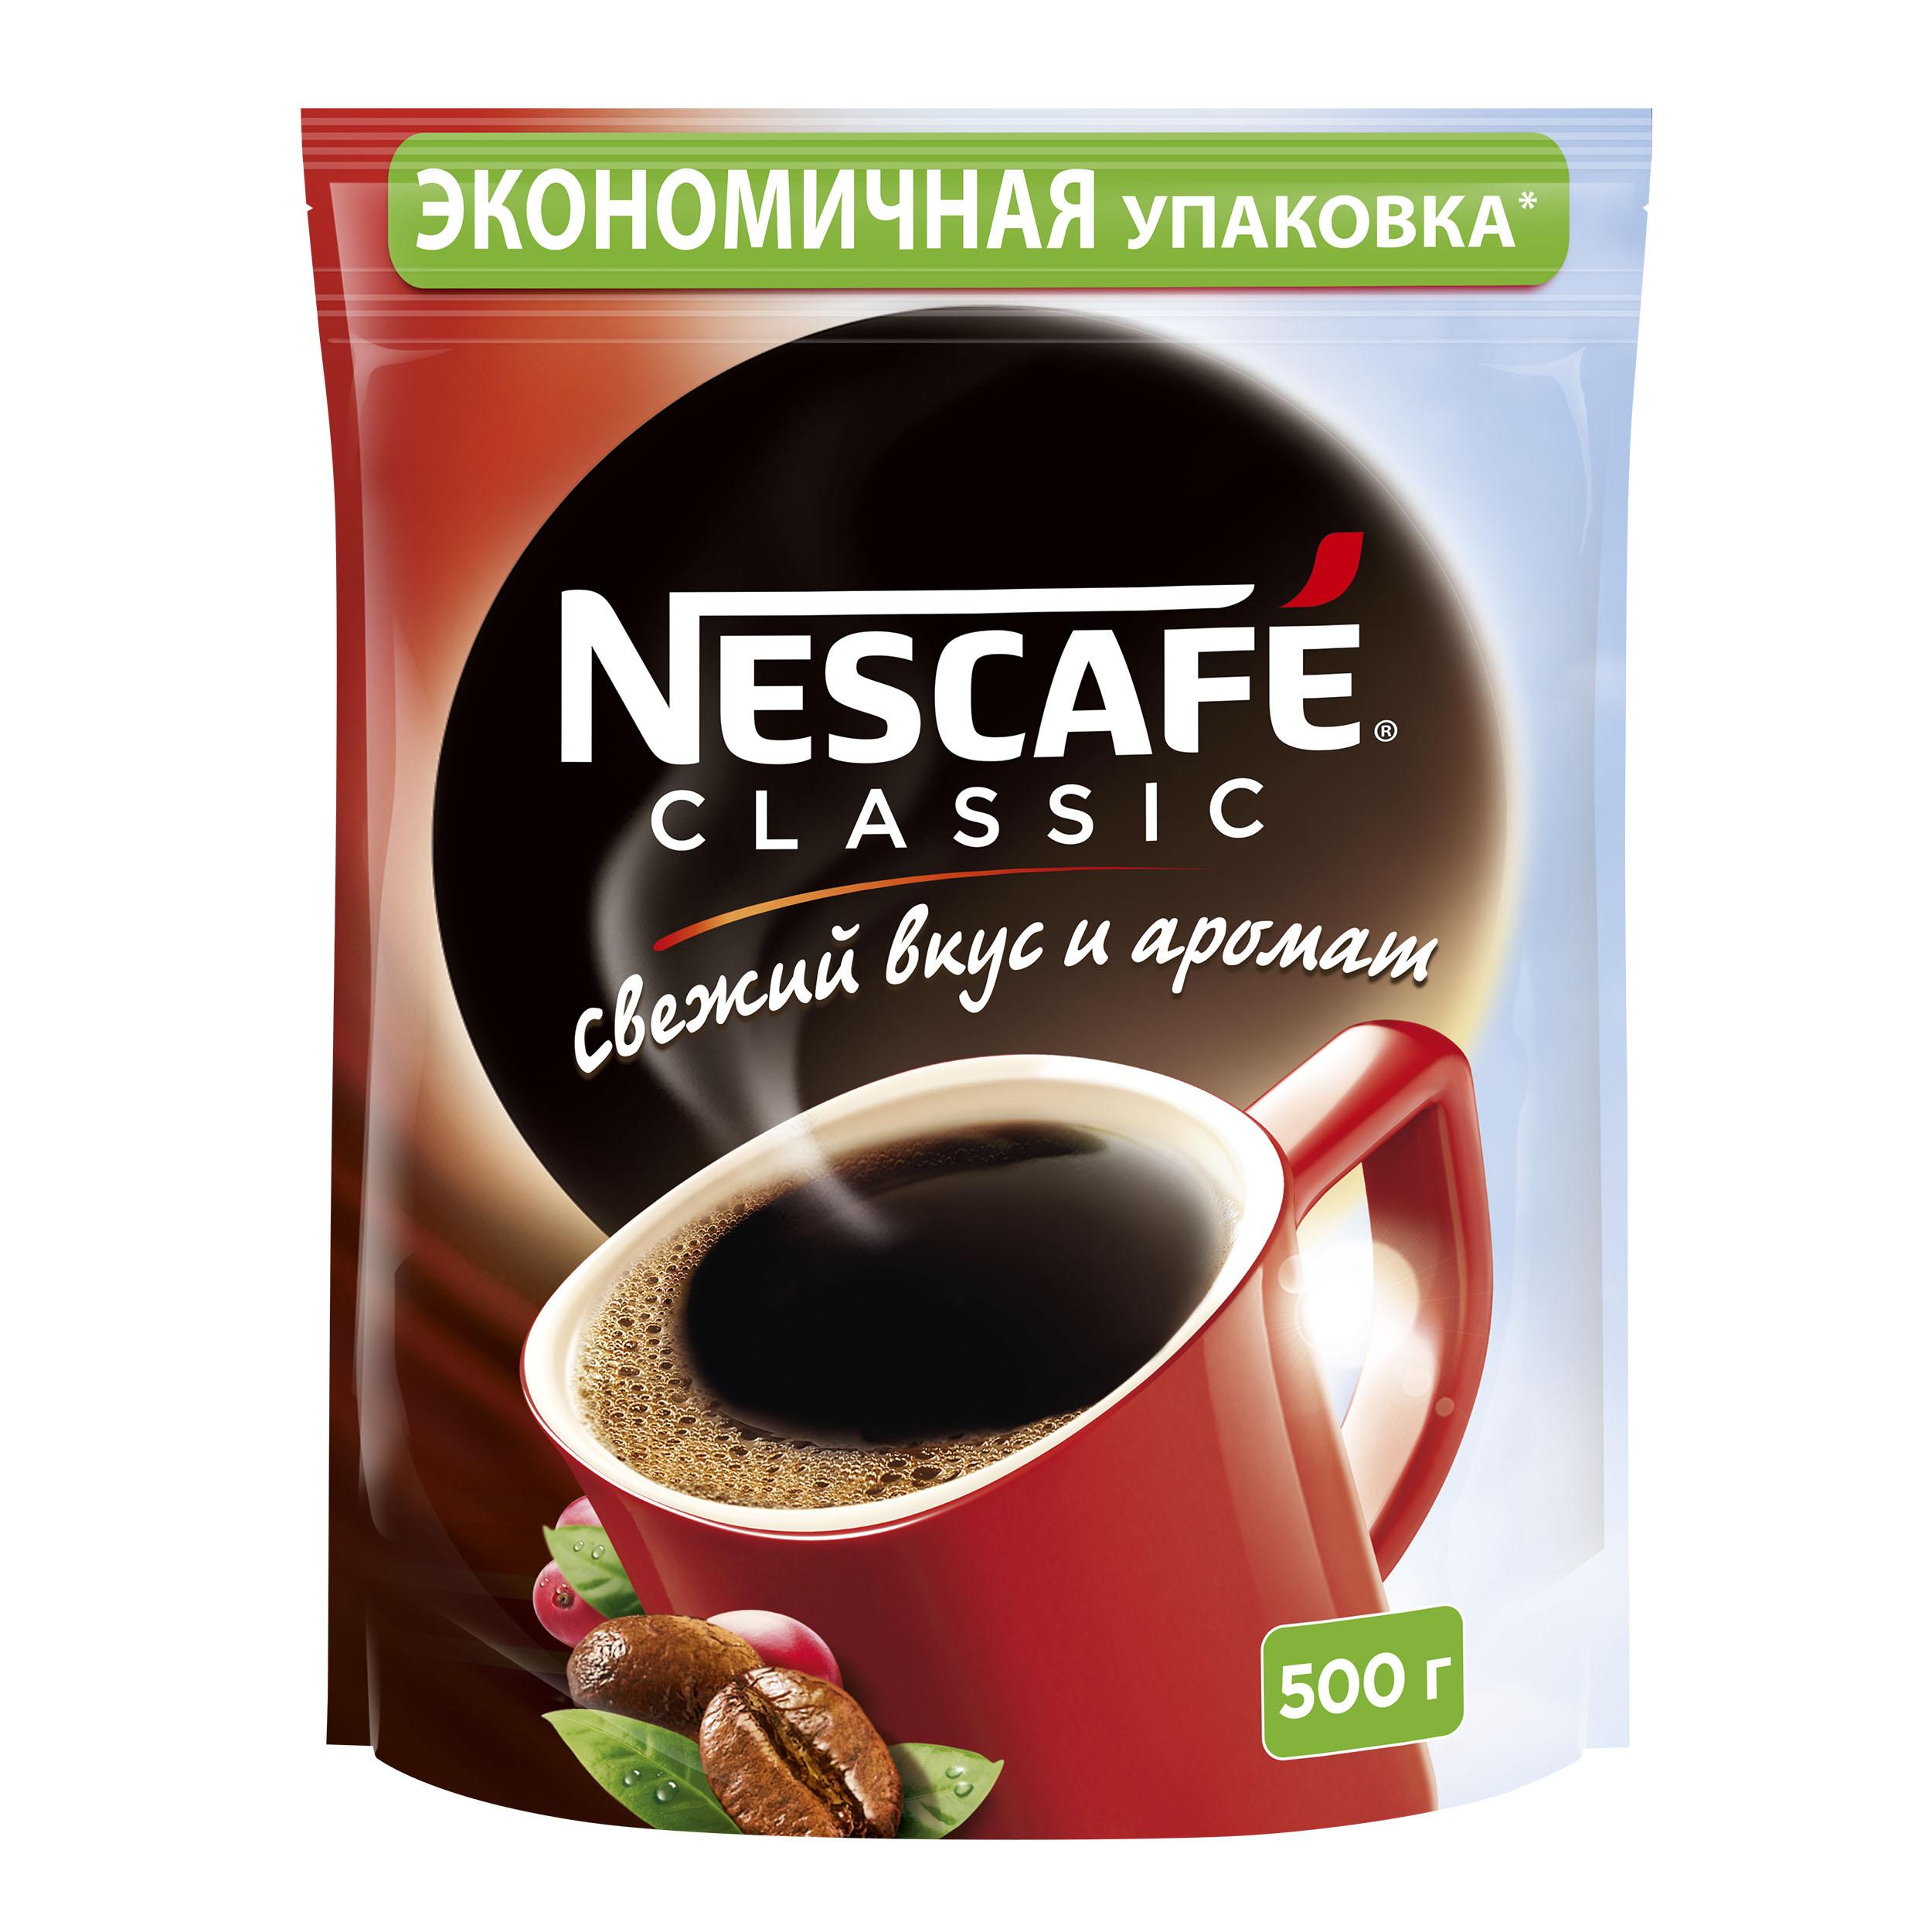 Кофе растворимый Nescafe classic пакет 500 г фото